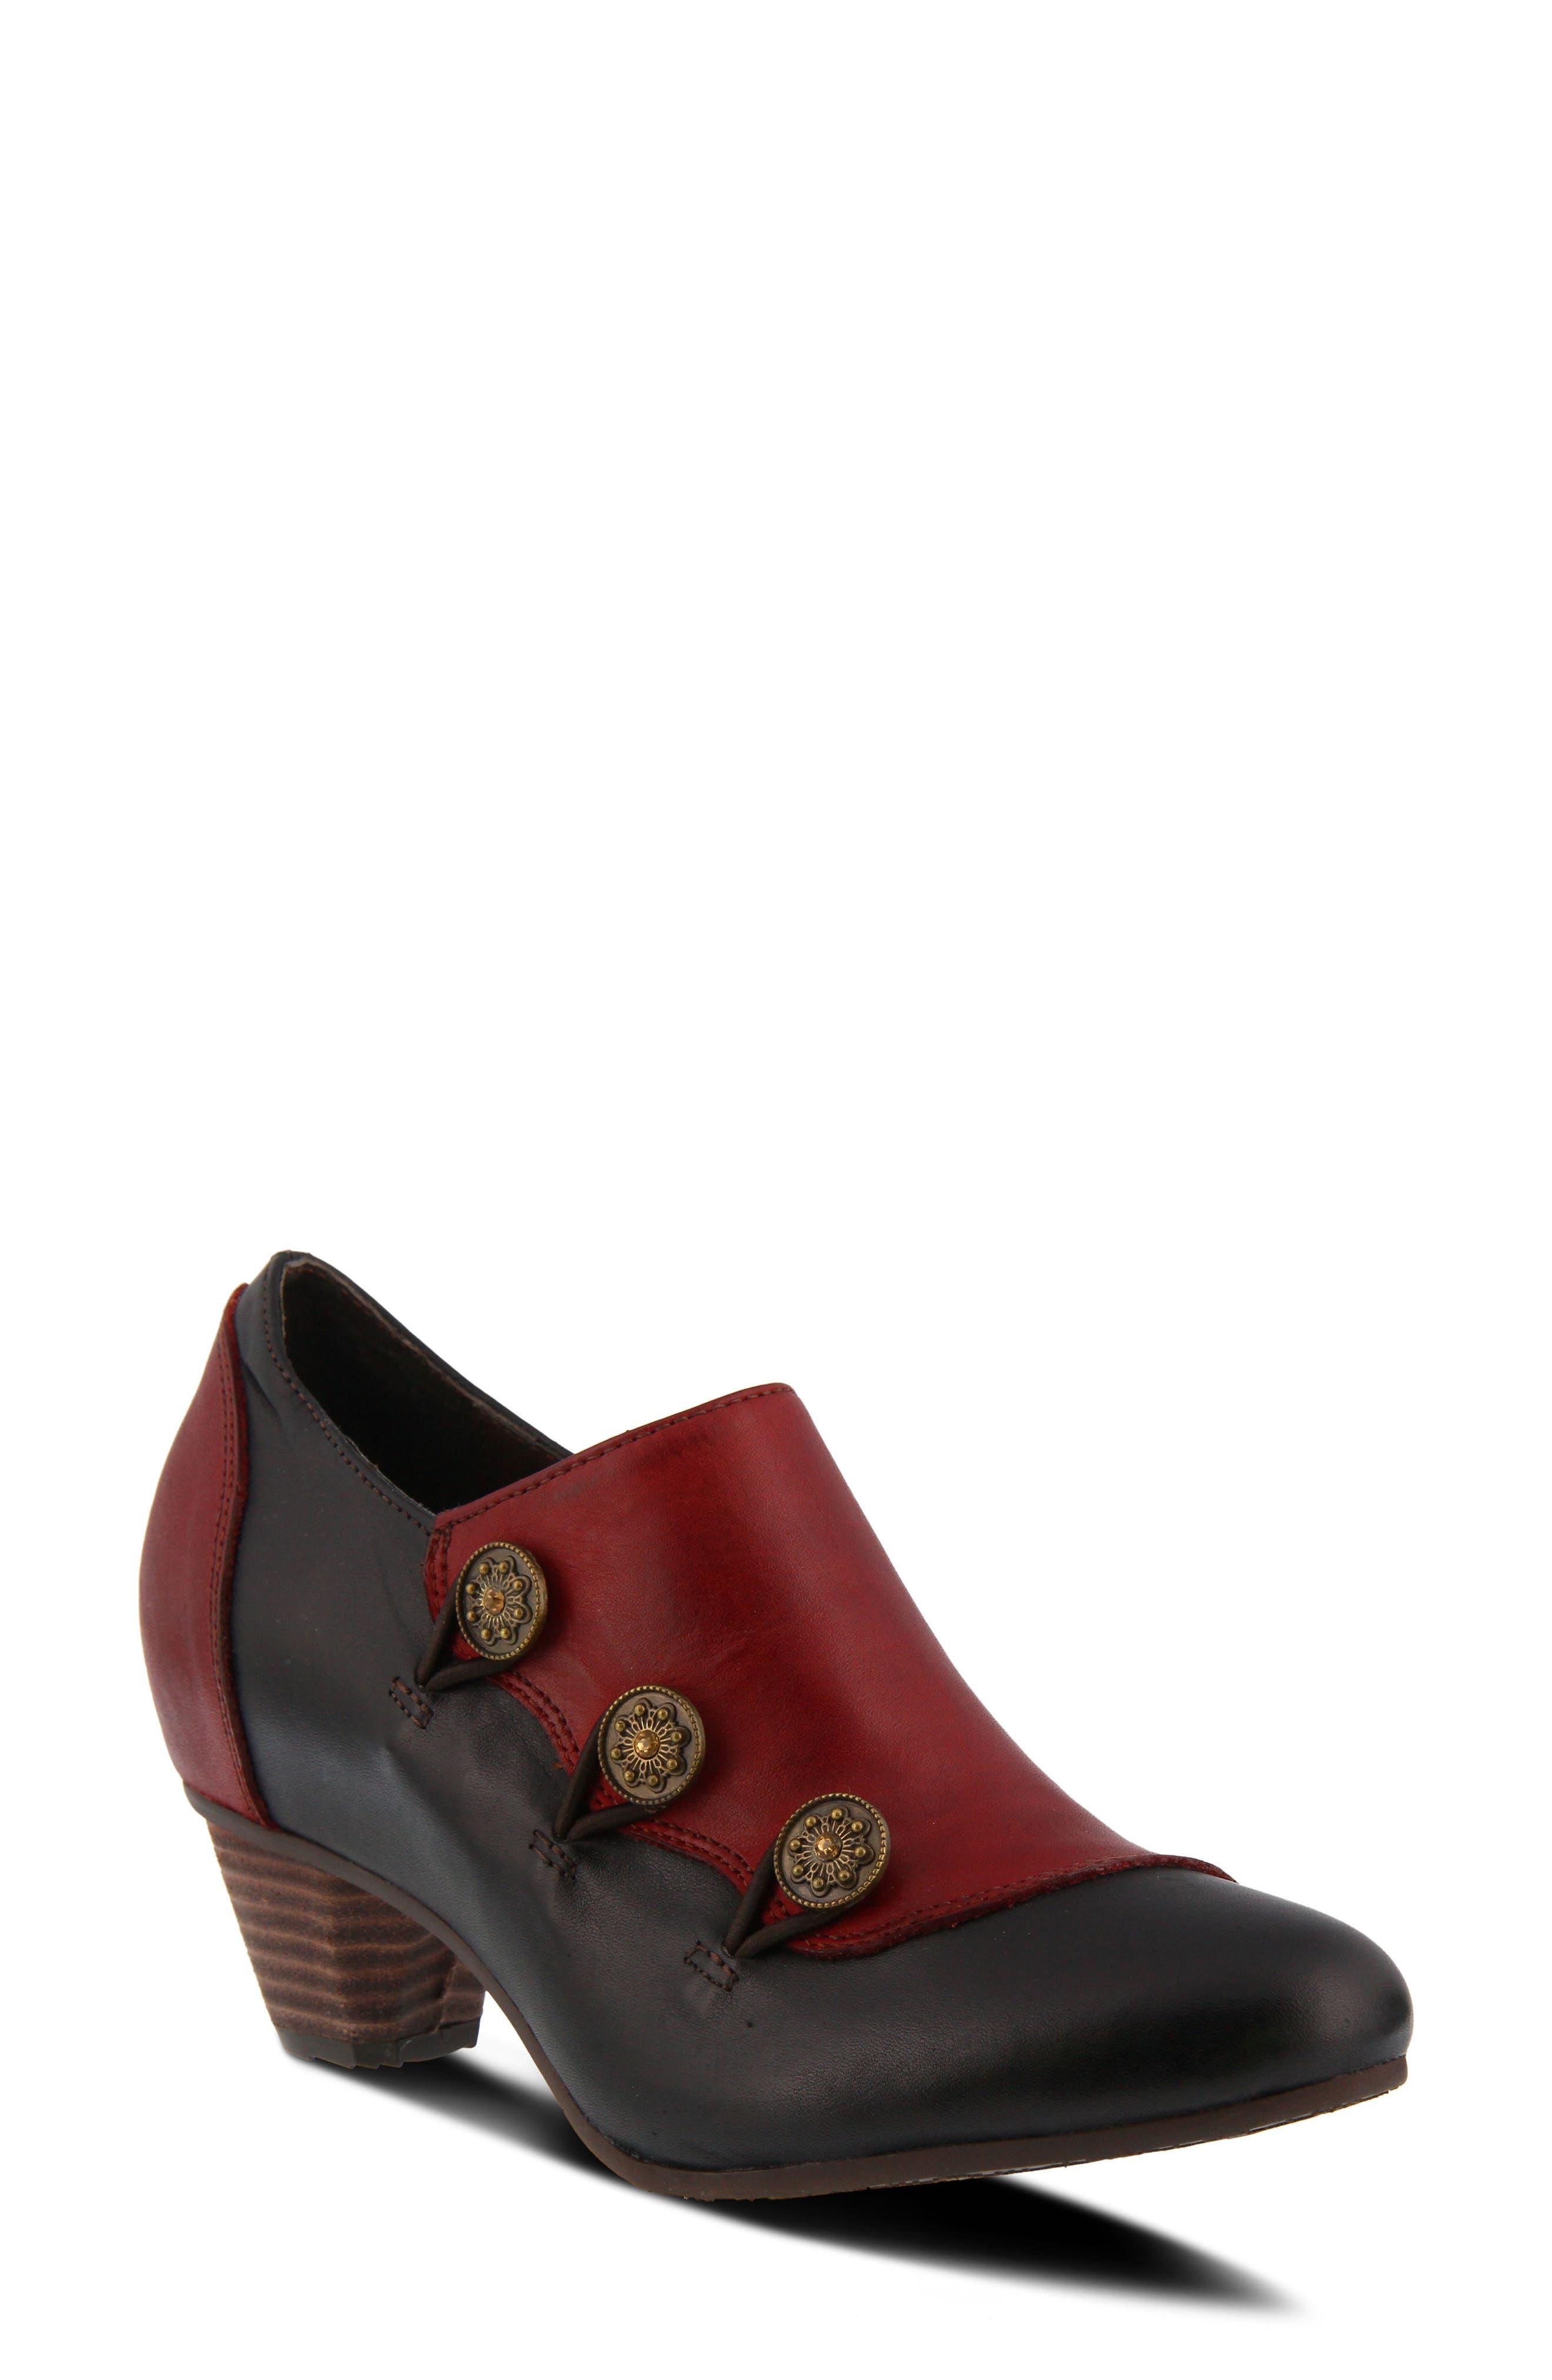 L'Artiste Greentea Pump,                         Main,                         color, Red Multi Leather